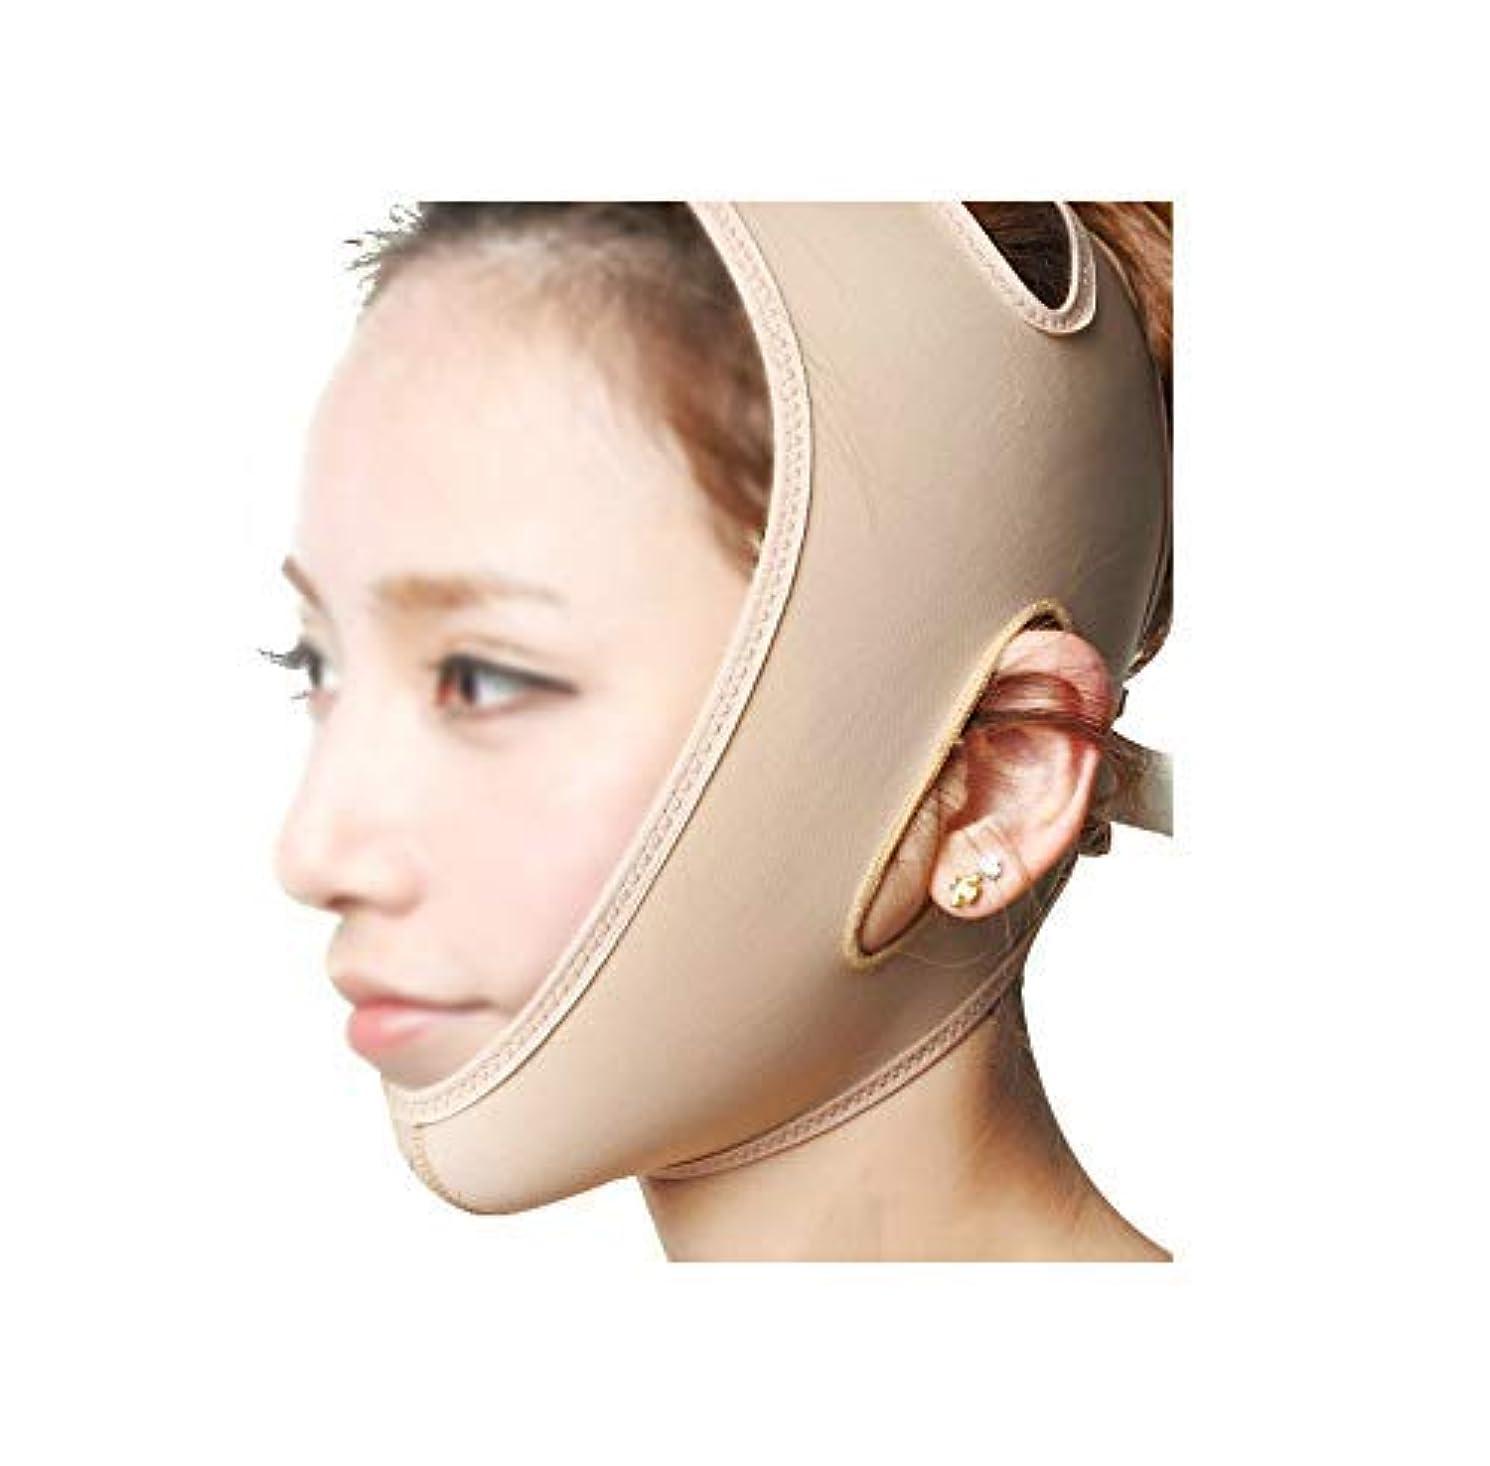 あいまいさ起こる軽フェイスリフティングバンデージ、フェイスマスク3Dパネルデザイン、通気性に優れたライクラ素材の物理的なVフェイス、美しい顔の輪郭の作成(サイズ:S),ザ?